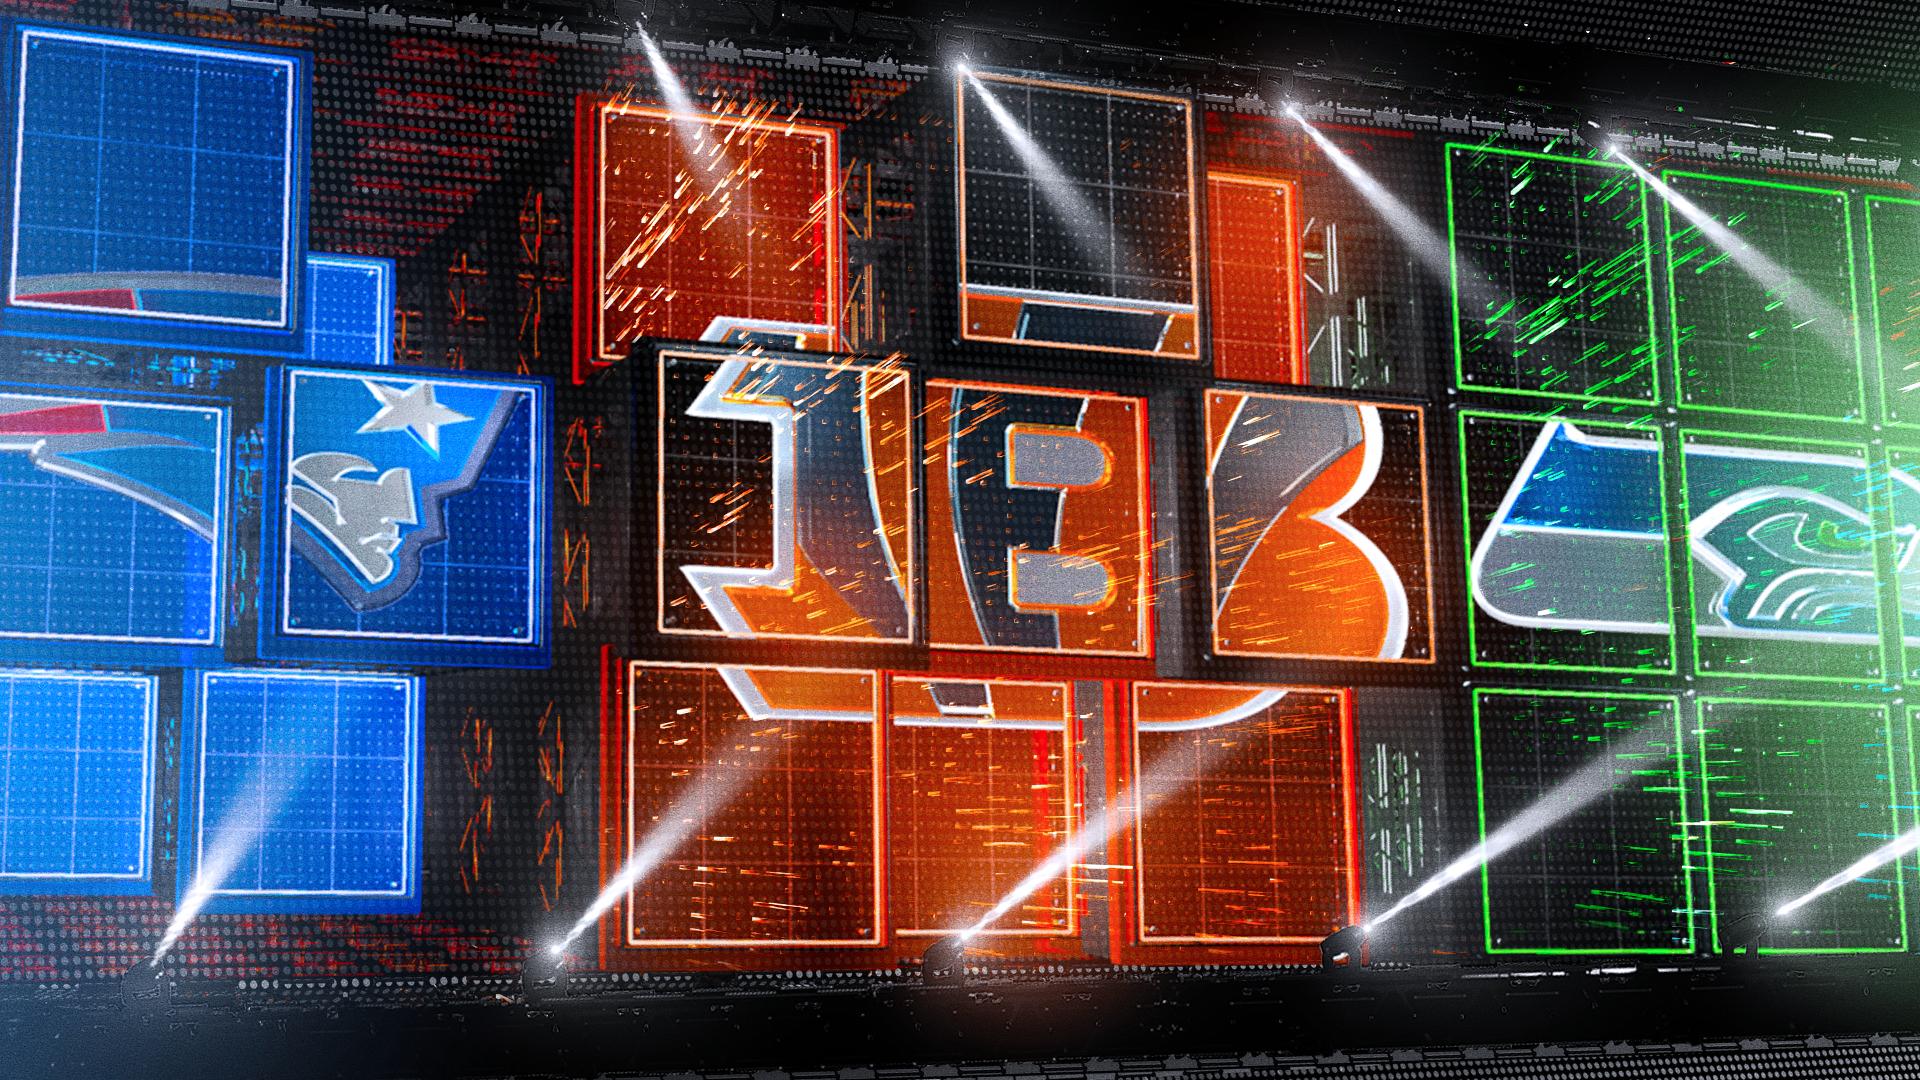 1319_ESPN_THANK_YOU_frame_06.jpg